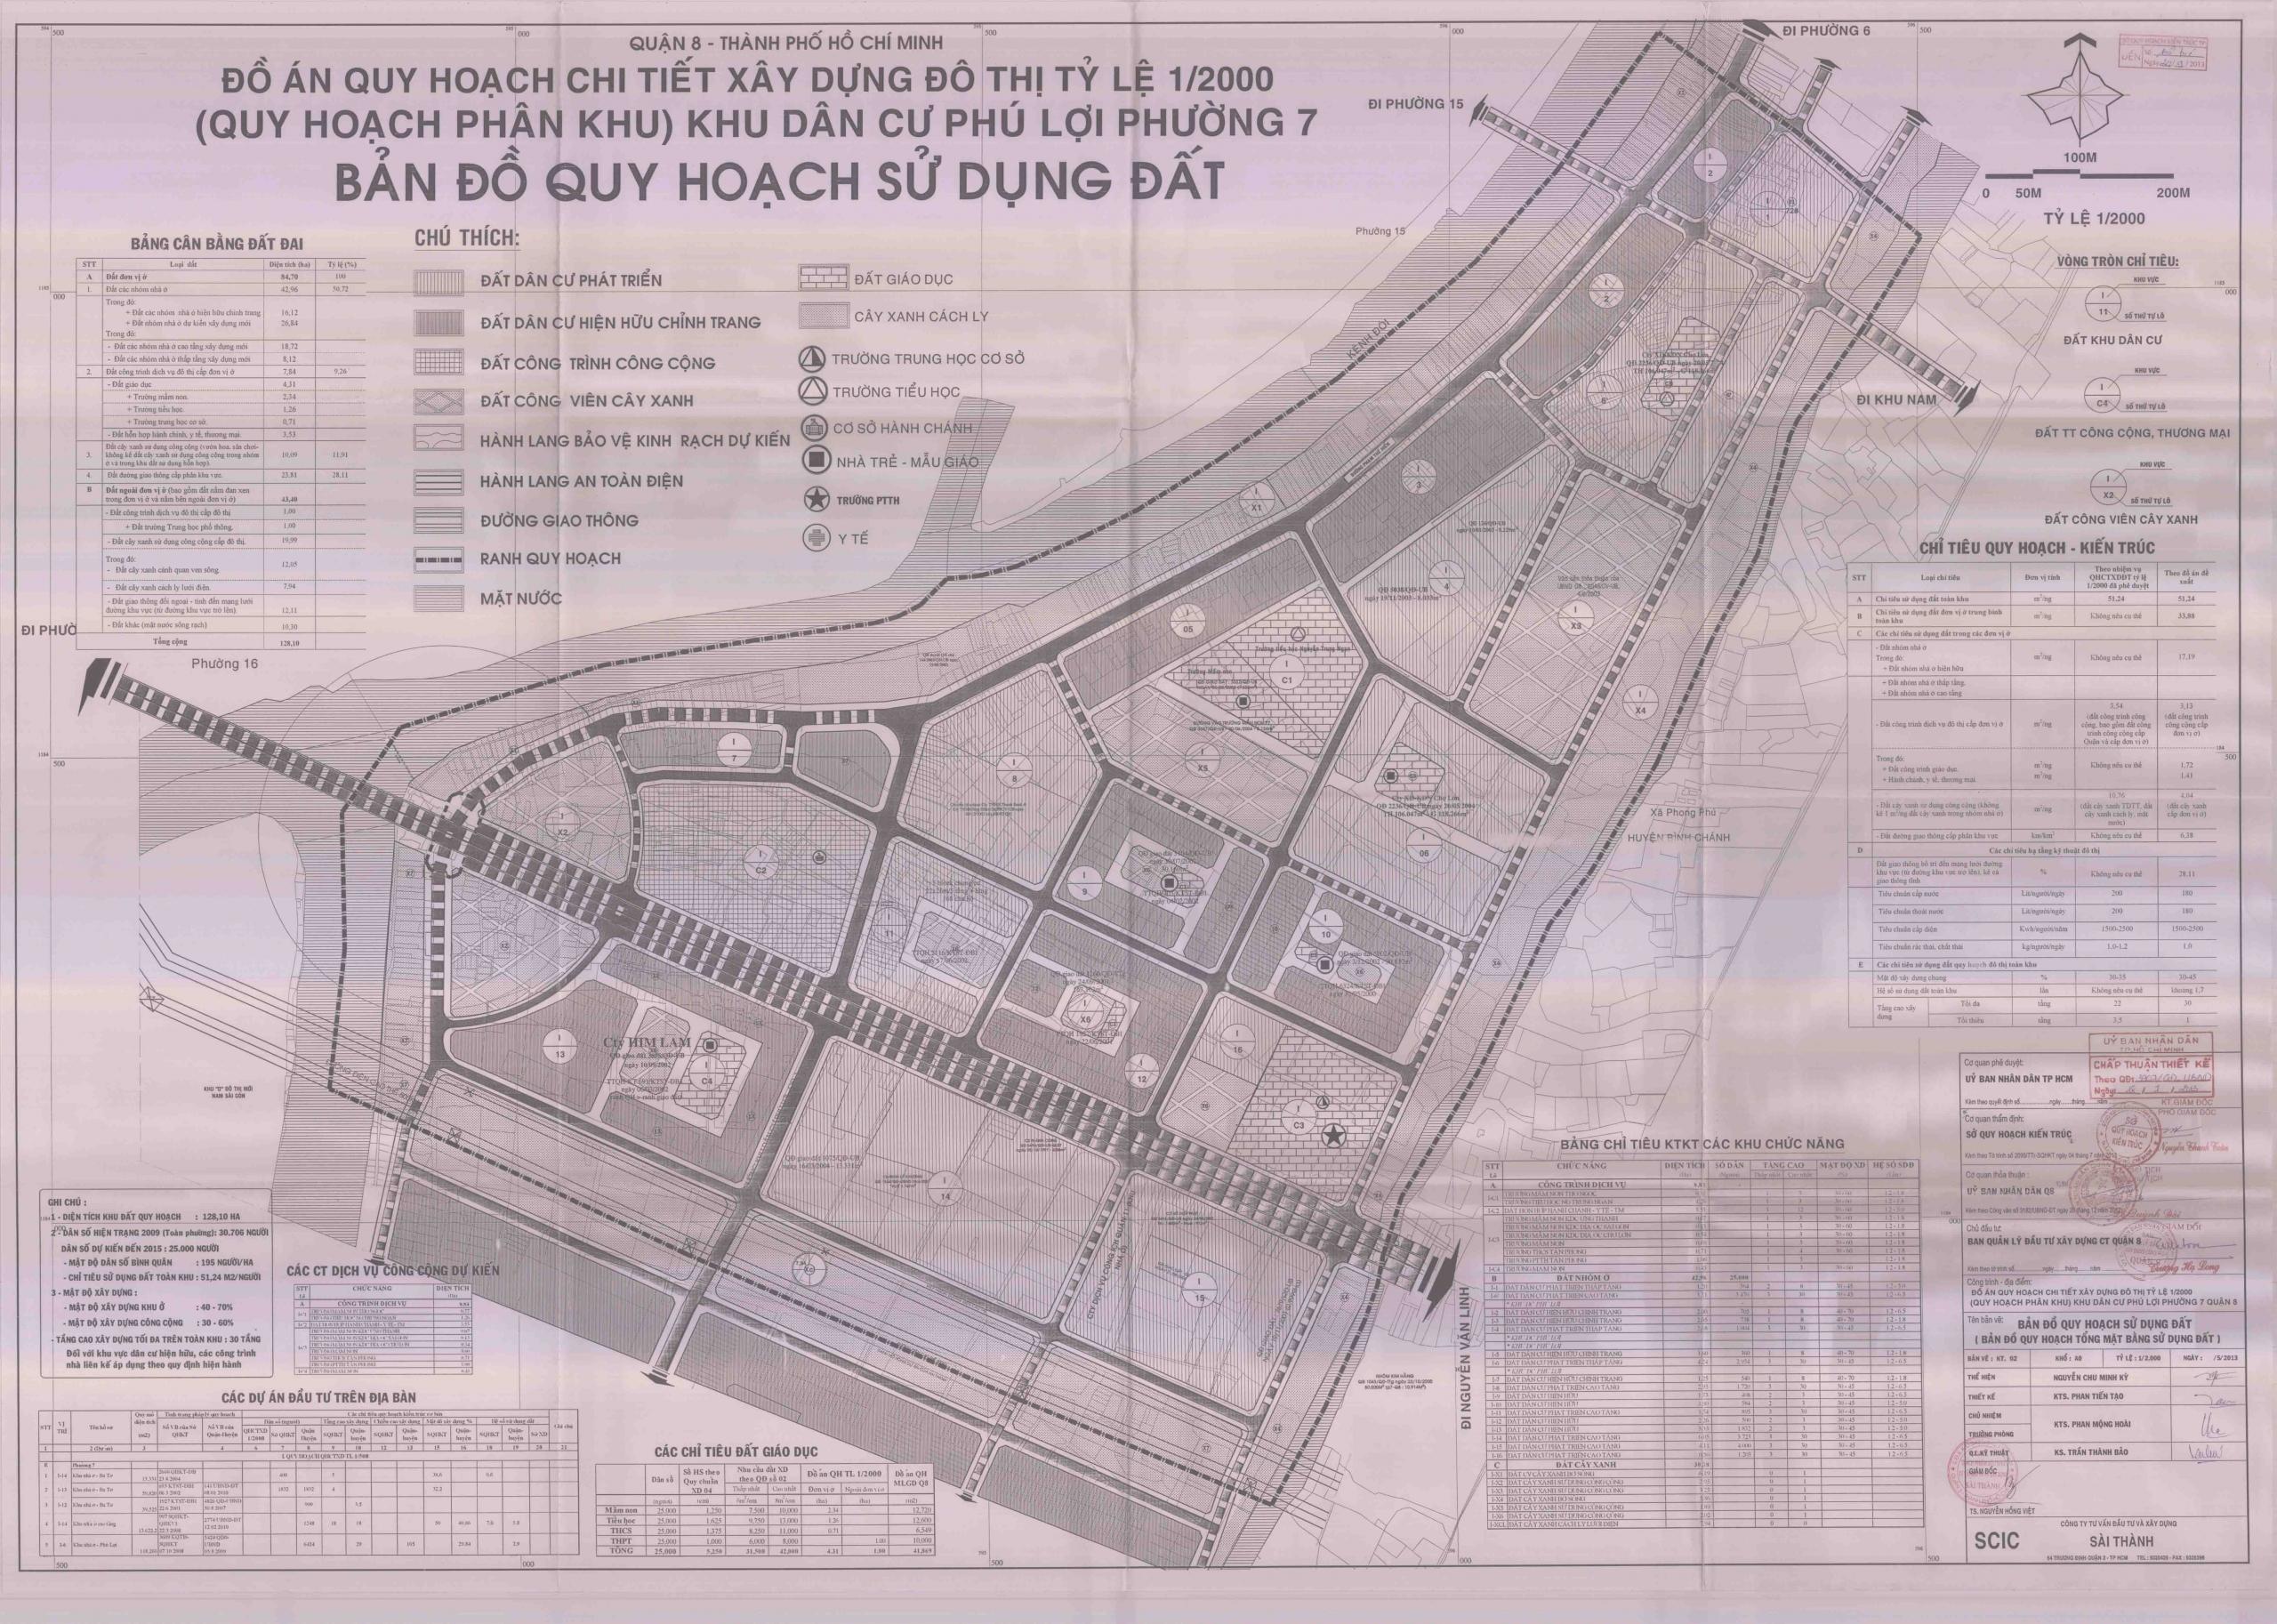 Bản đồ quy hoạch sử dụng đất tại Khu dân cư Phú Lợi quận 8 - Yeshouse